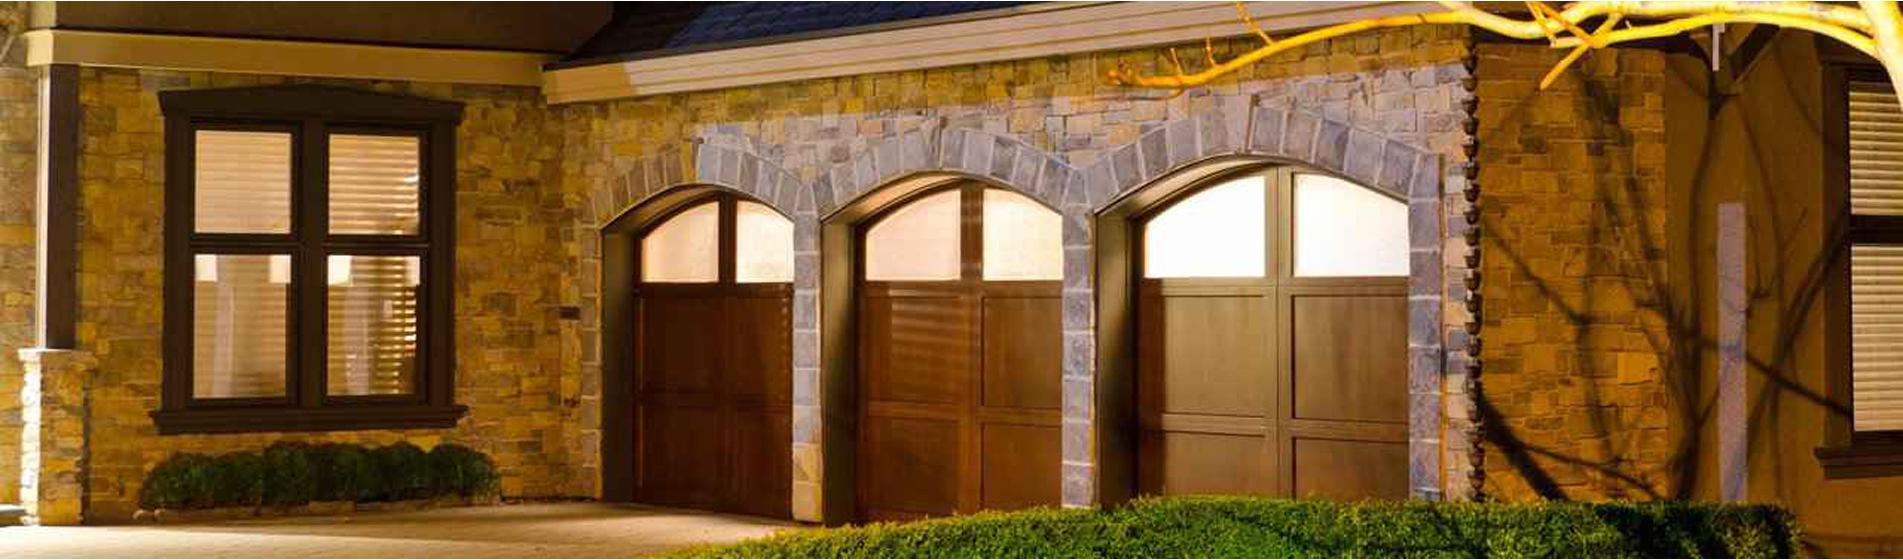 rénovation porte de garage avec portillon 13 Bouches-du-Rhône